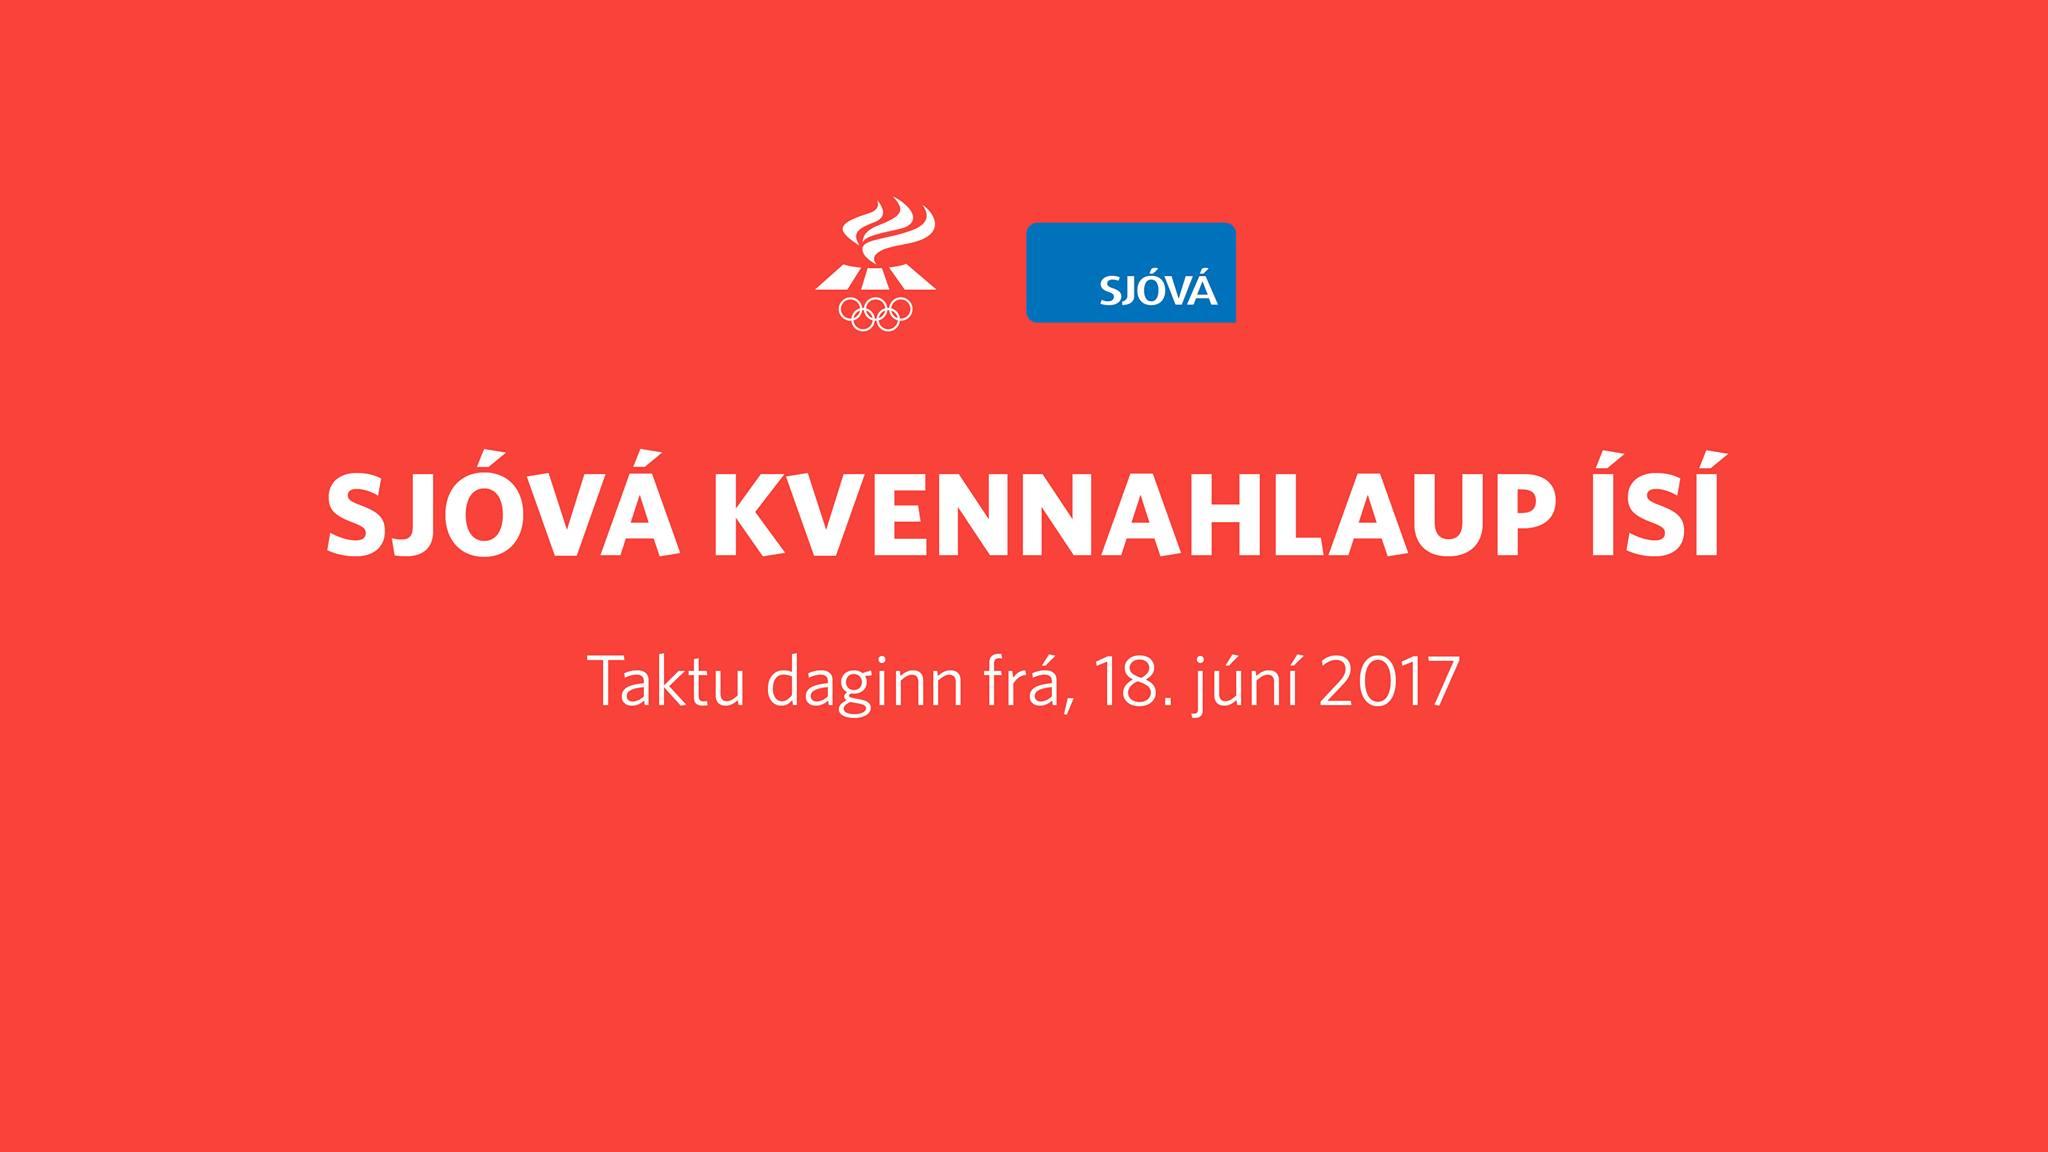 Kvennahlaup ÍSÍ 18. júní - skráning stendur yfir í íþróttamiðstöðinni